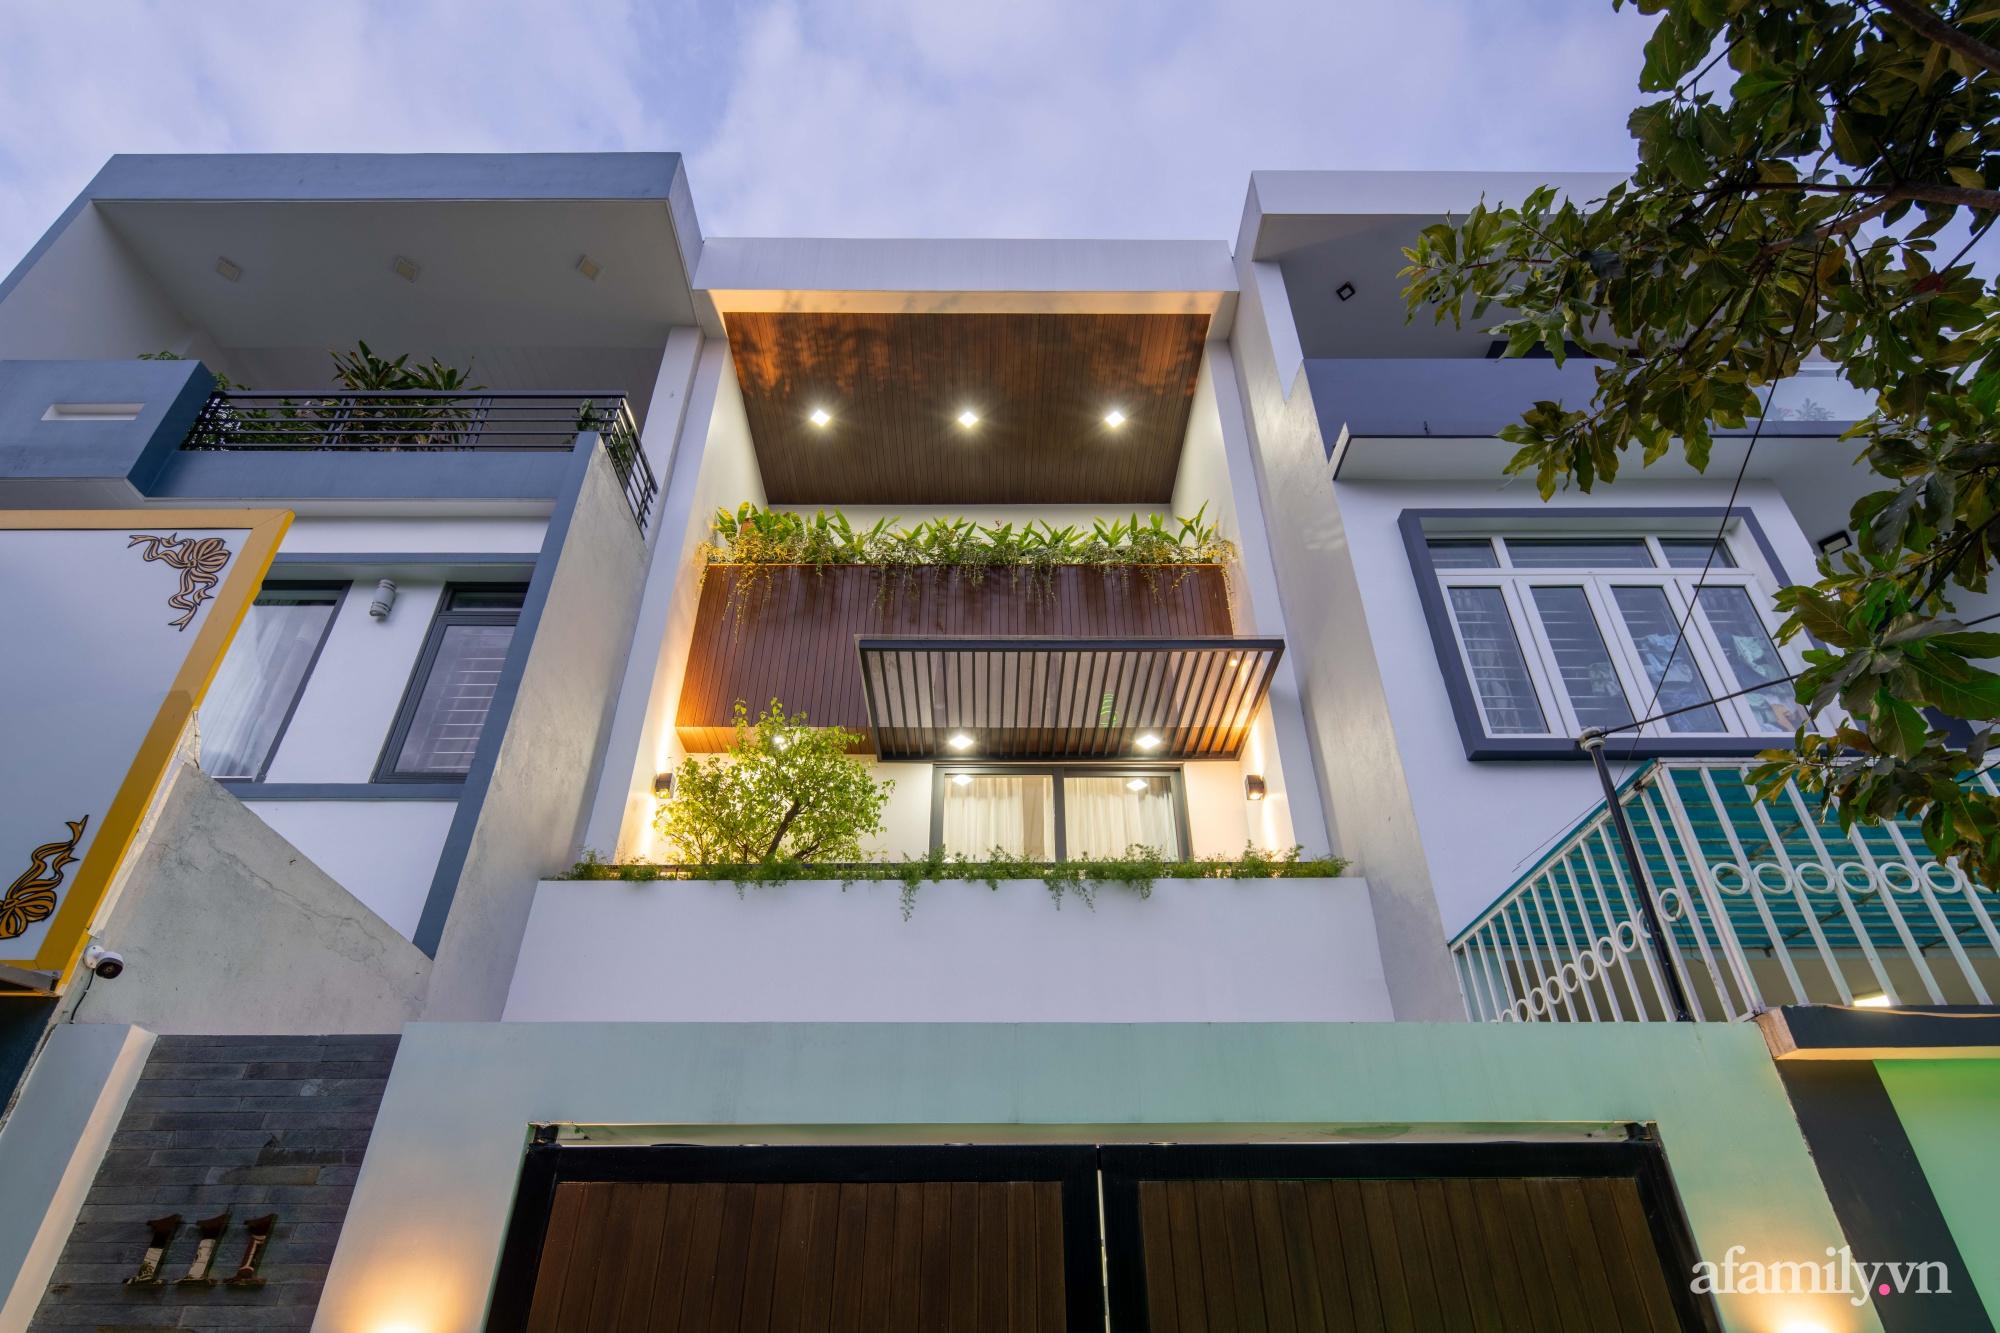 Nhà phố 3 tầng đẹp hiện đại với phong cách tối giản ngập tràn ánh sáng và cây xanh ở Đà Nẵng - Ảnh 1.